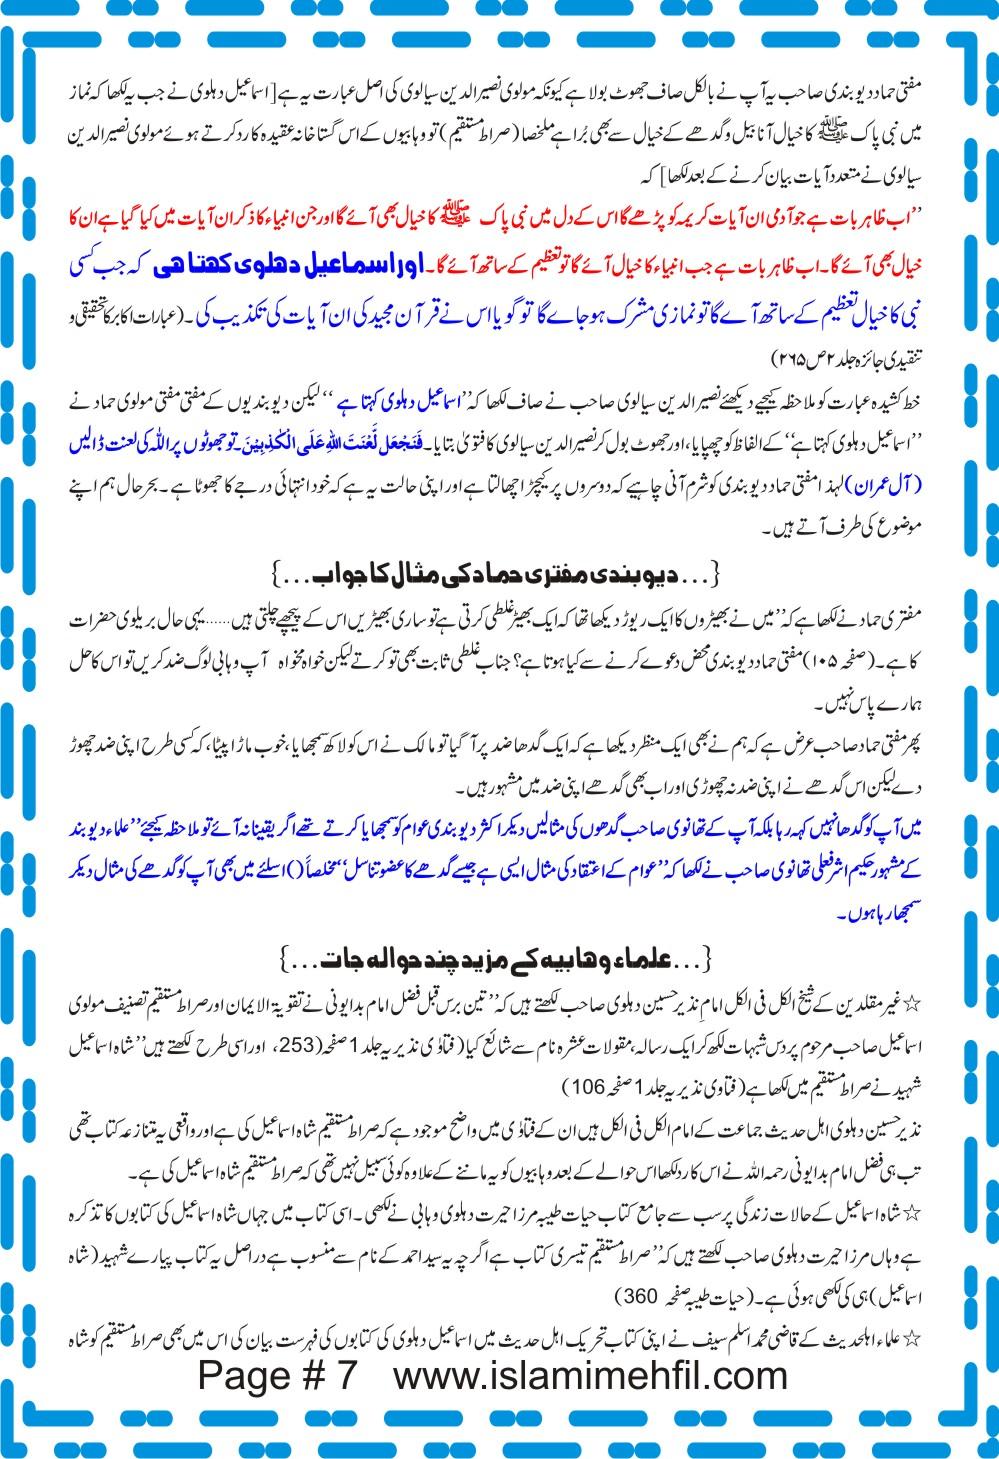 Siratul Mustaqeem (7).jpg